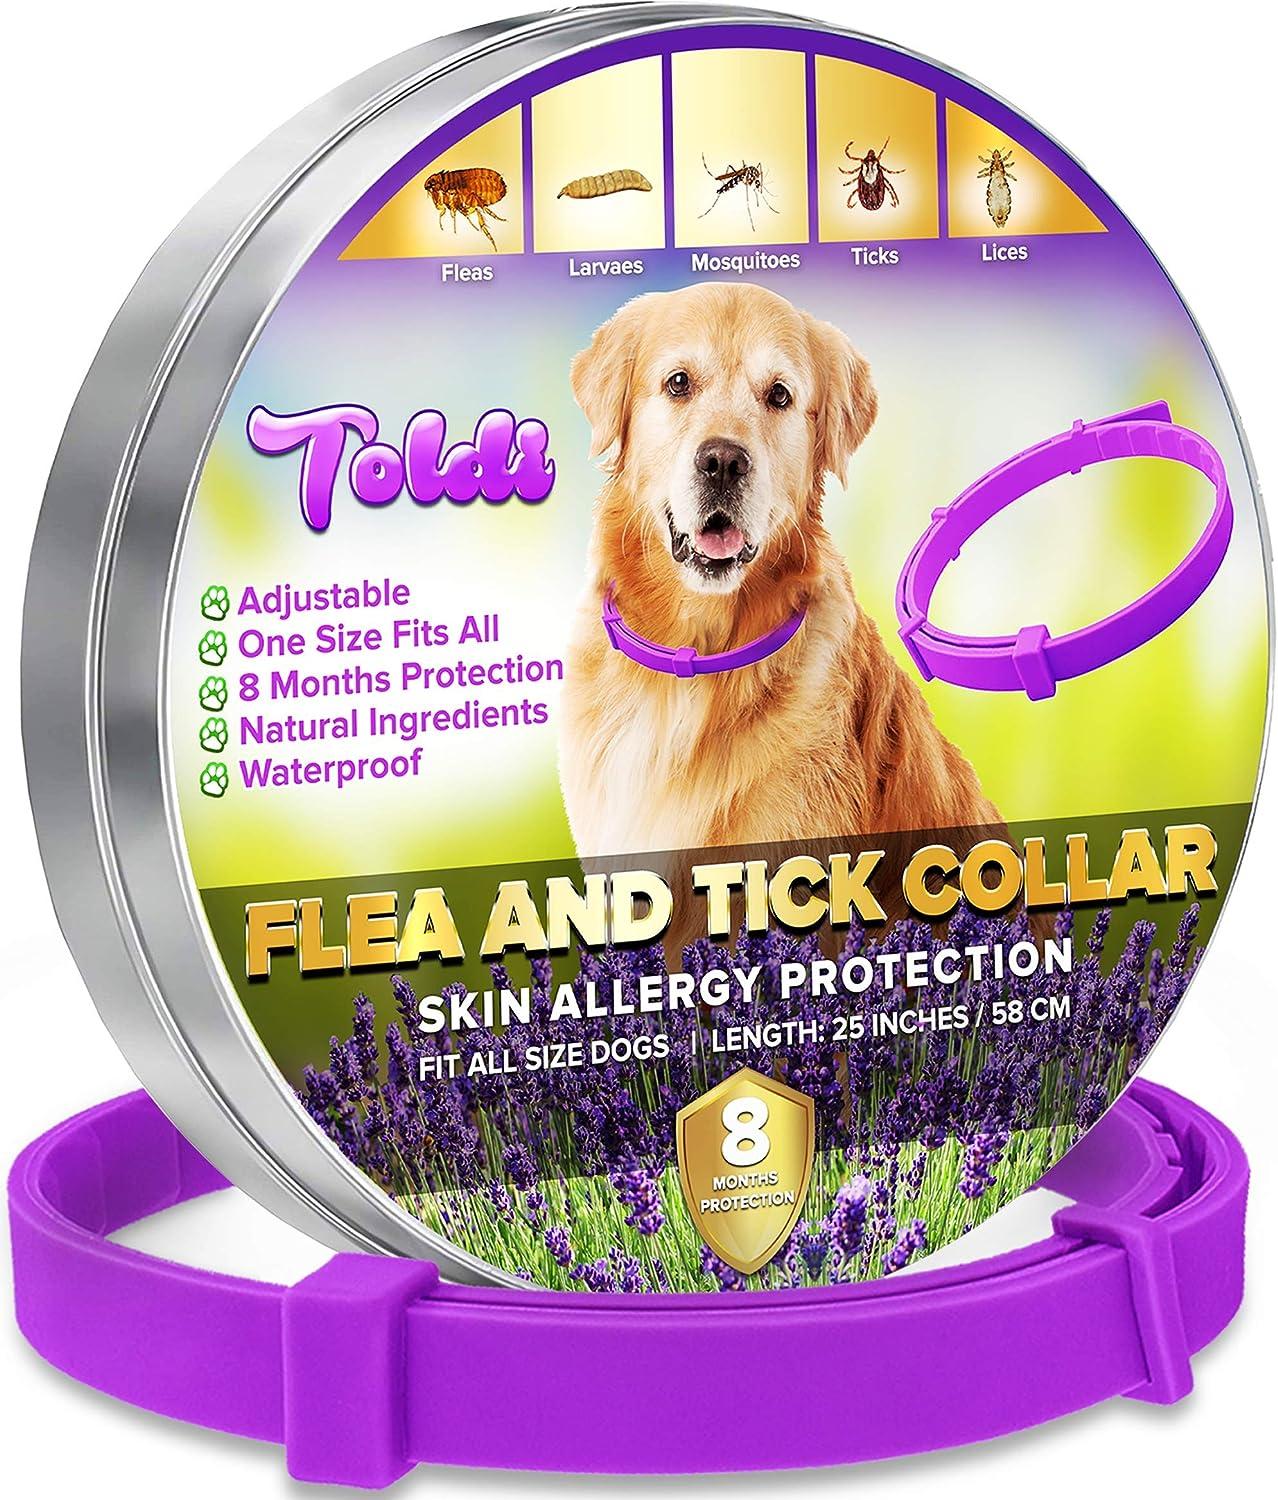 toldi Tratamiento-de-pulgas-para-Perros, Collar-antipulgas-Perros Ajustable, 8 Meses de protección-contra-pulgas-y-garrapatas-para-Perros Cachorros Collar Repelente de piojos y garrapatas